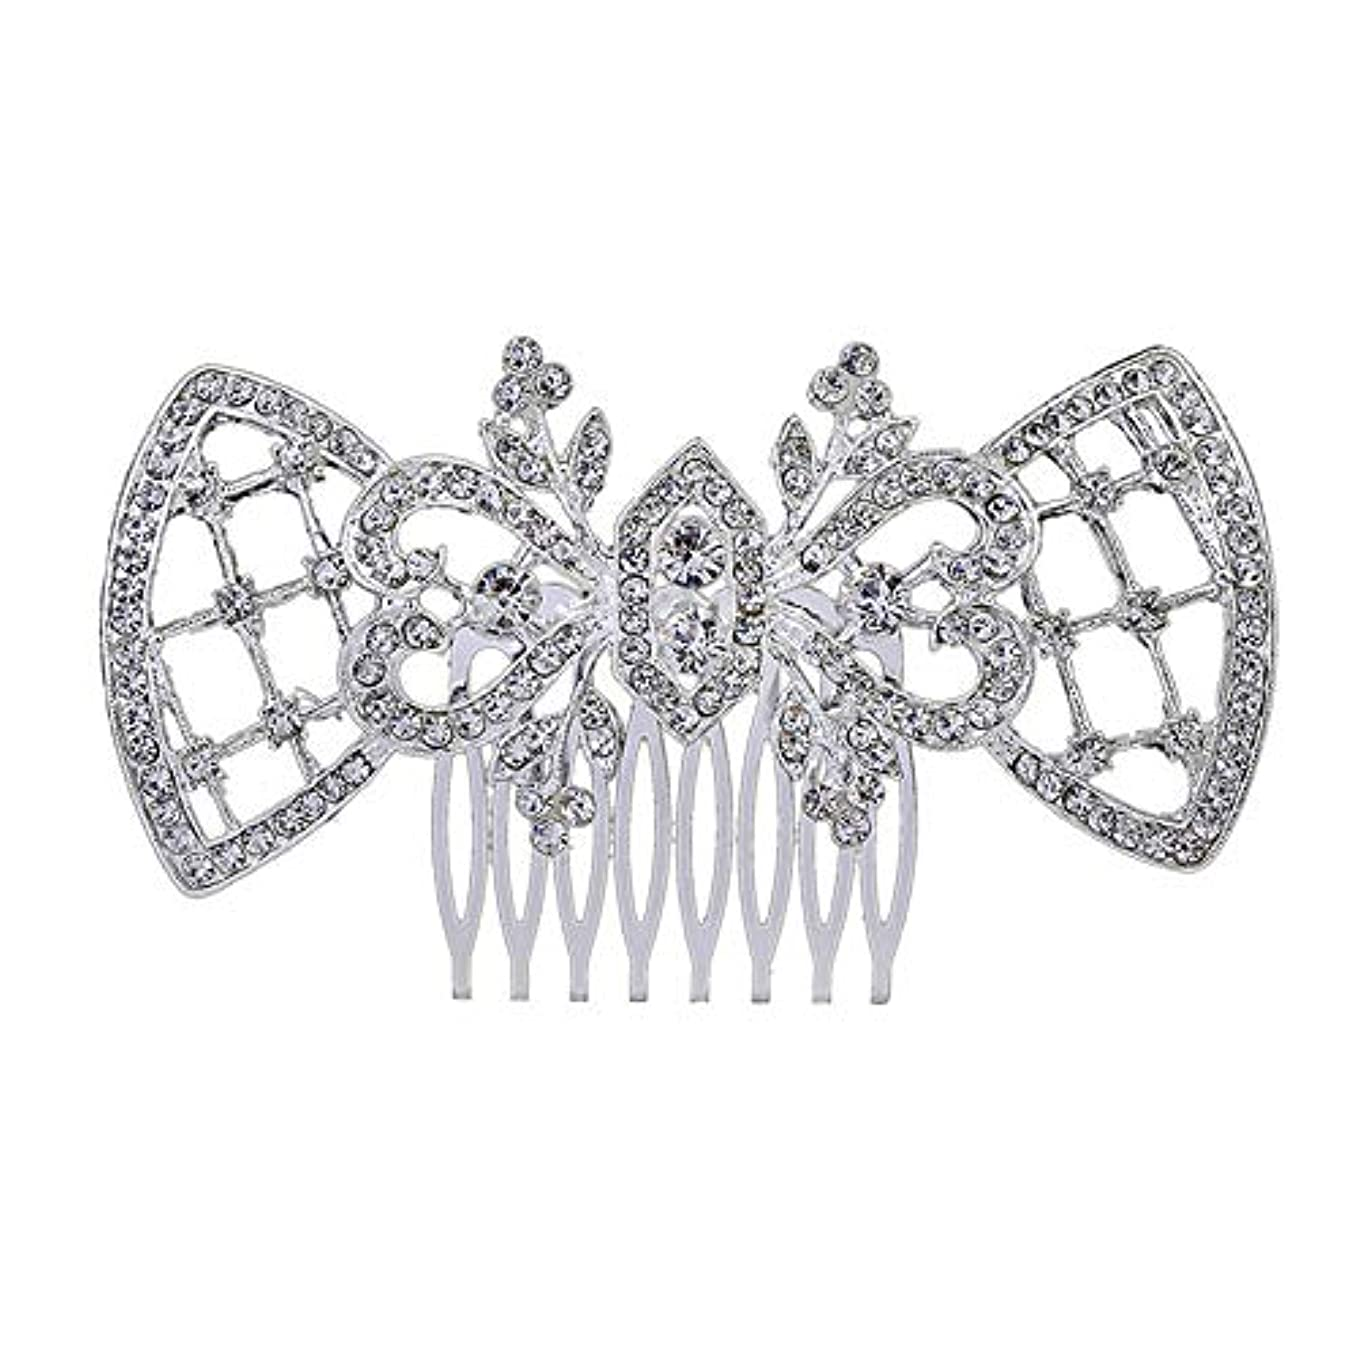 産地ちらつきラブ髪の櫛、櫛、ブライダル髪、髪の櫛、ハート形、ラインストーンの櫛、合金の帽子、結婚式のアクセサリー